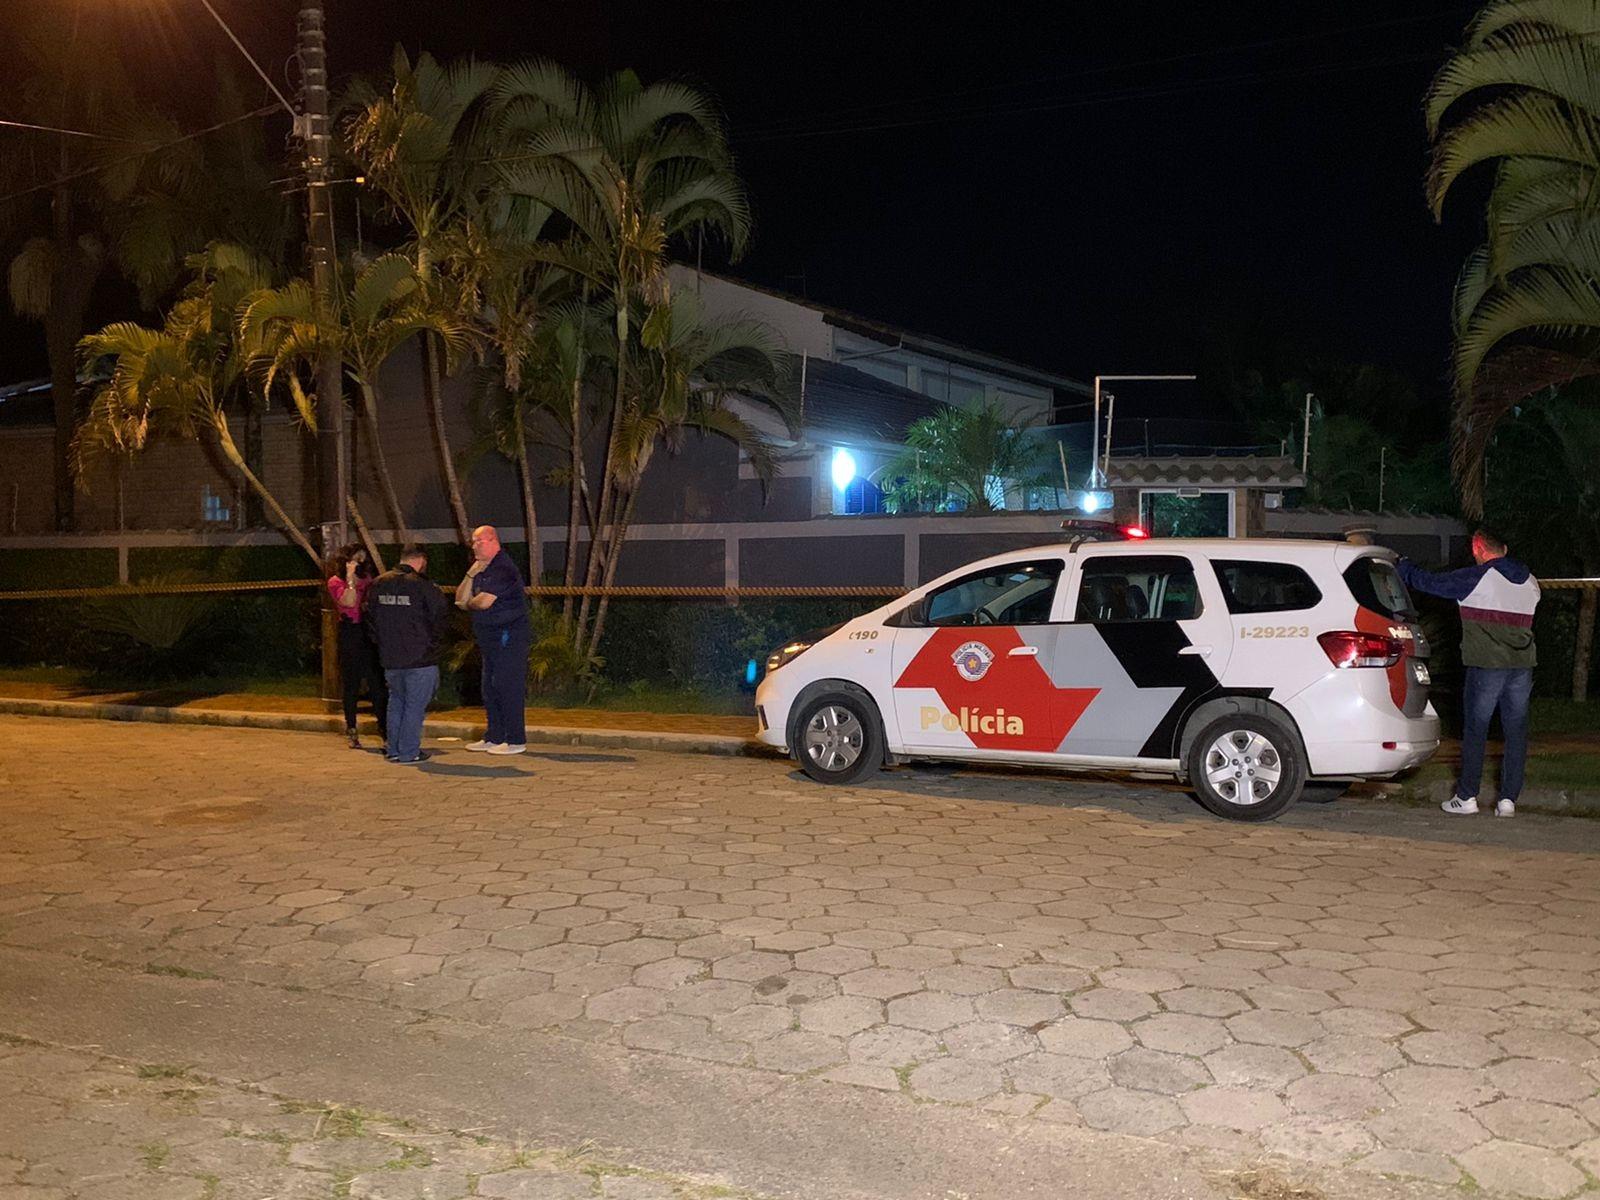 Pedreiro morre e mãe e filhas são baleadas durante assalto à residência no litoral de SP